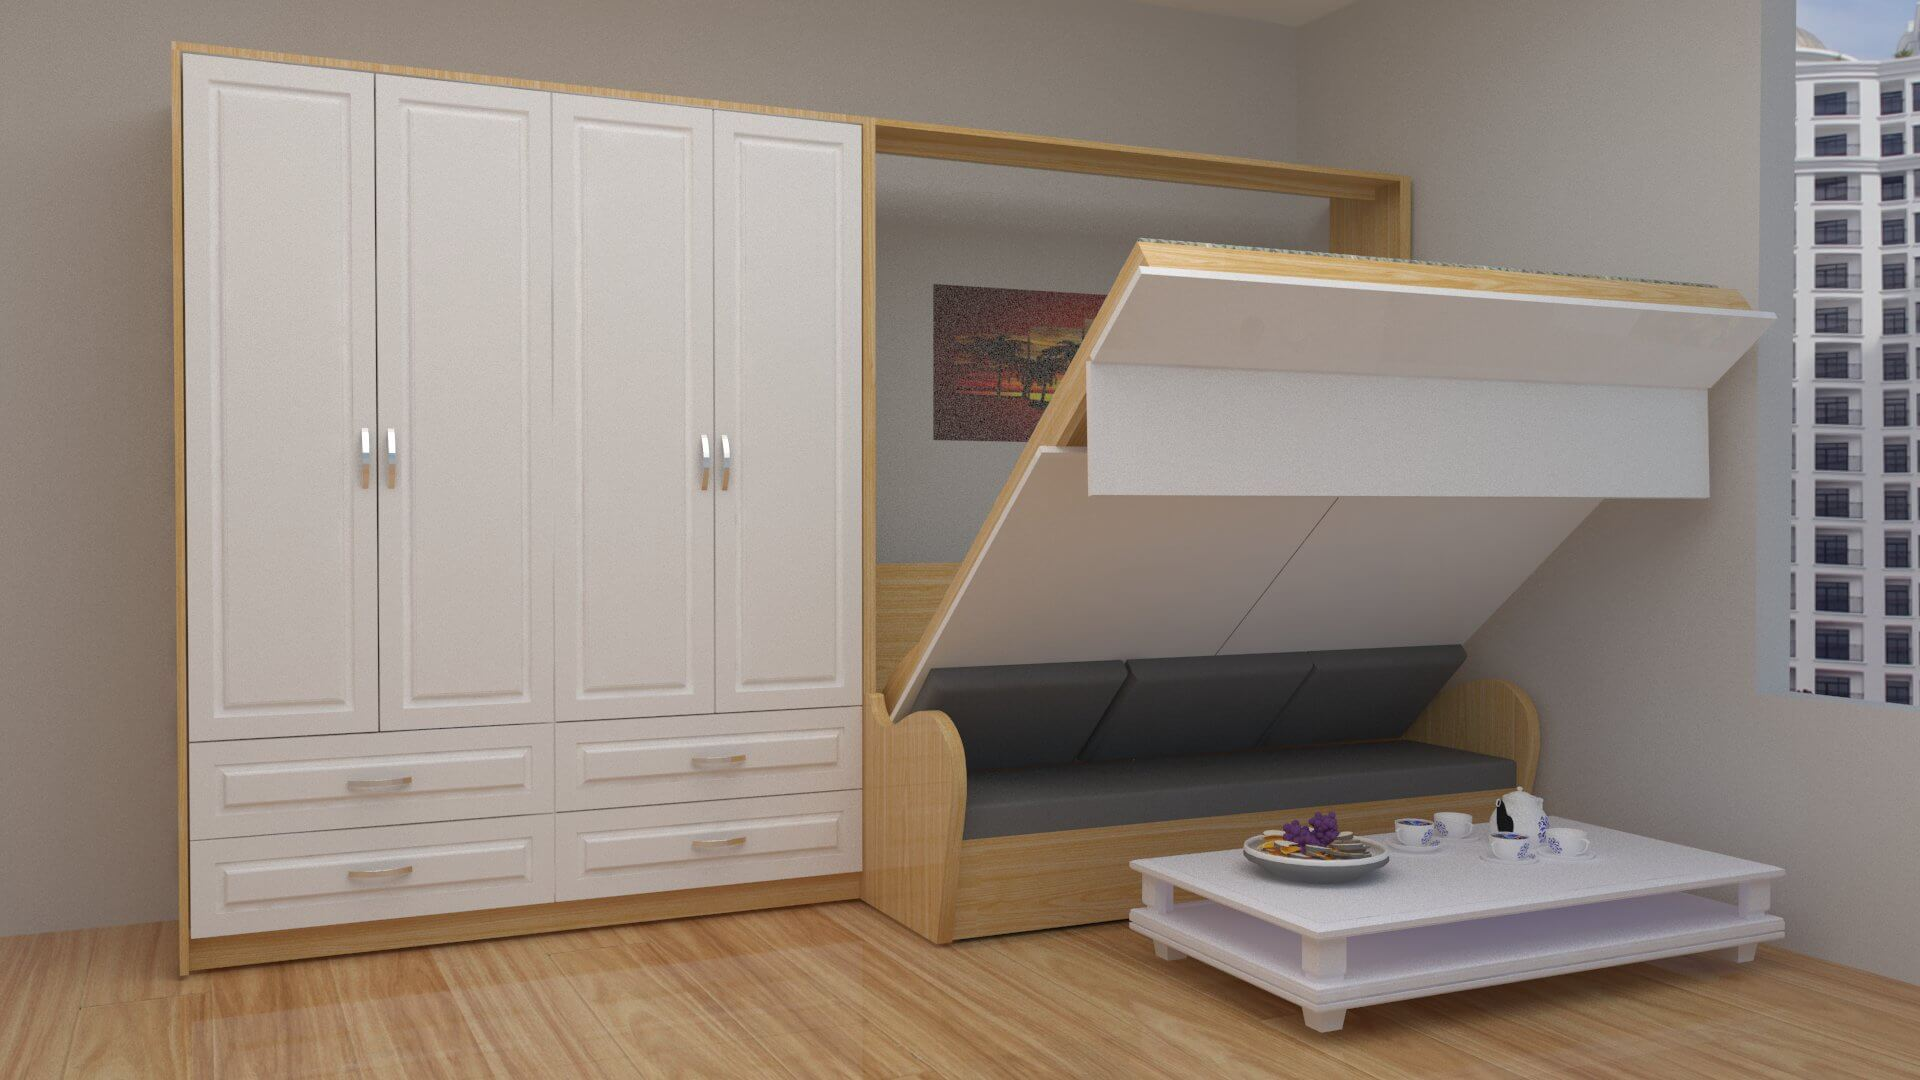 Nội thất thông minh phù hợp với không gian chung cư